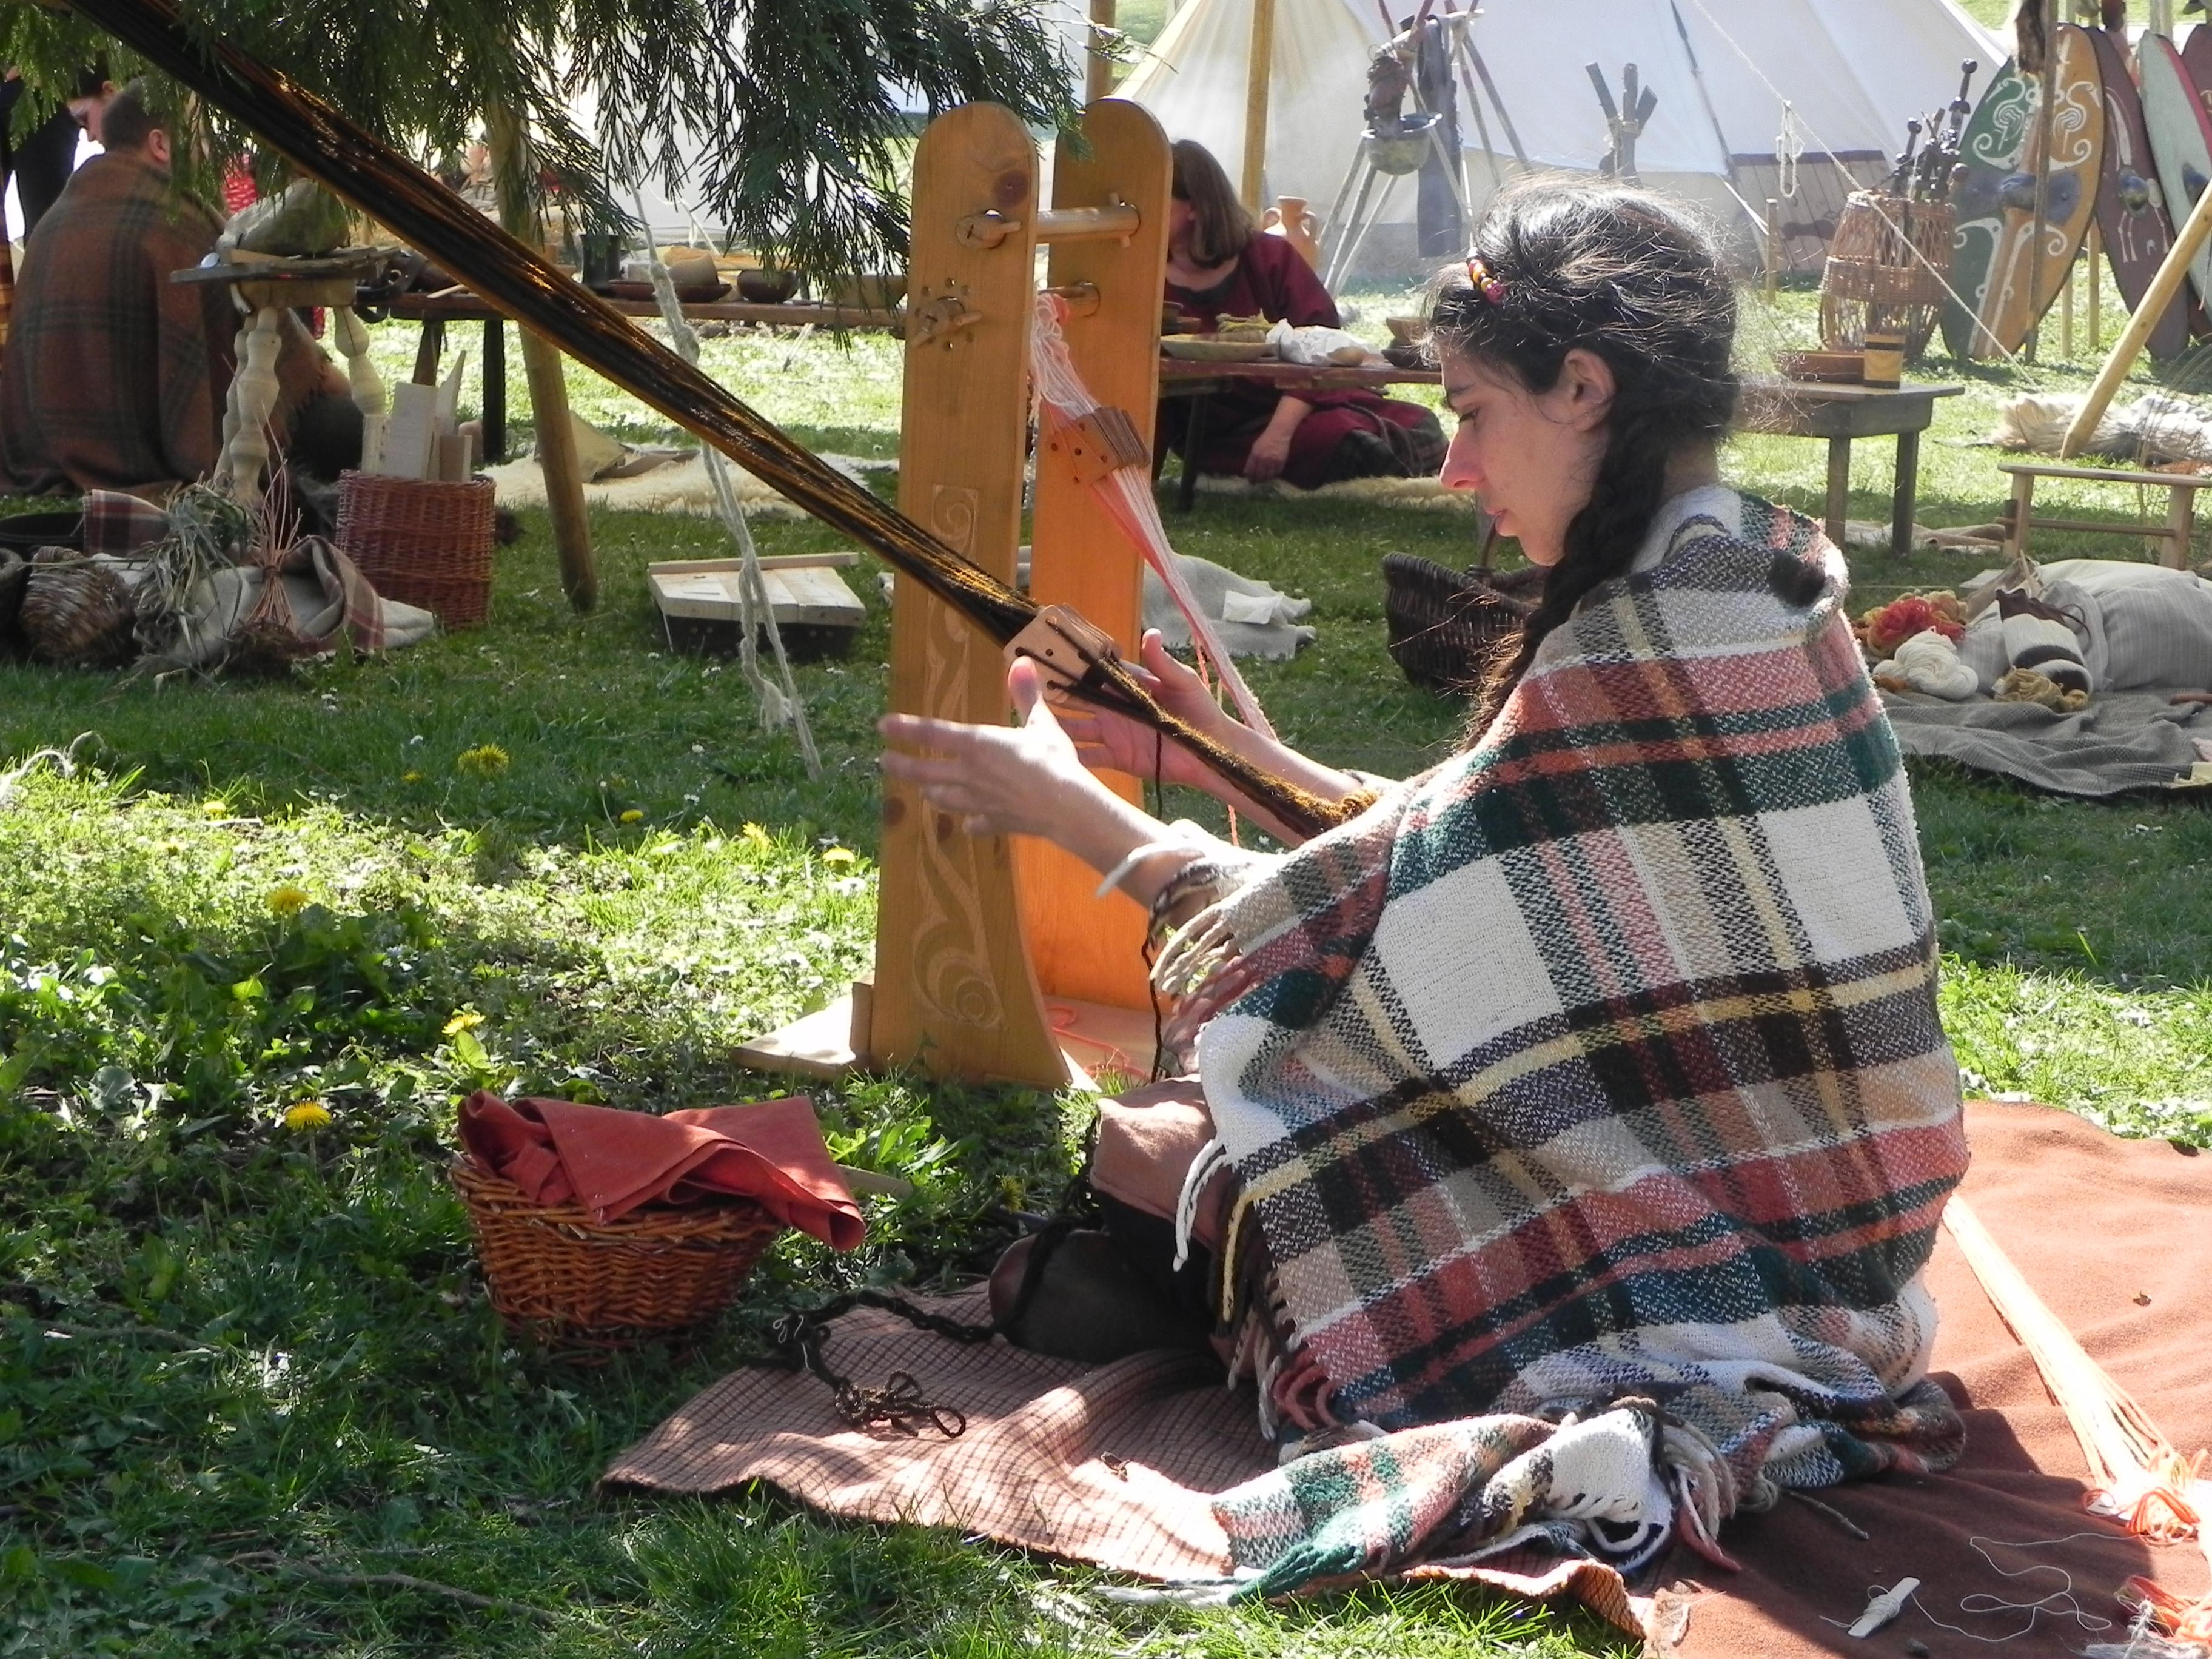 Lucogena tisse des galons avec un petit métier